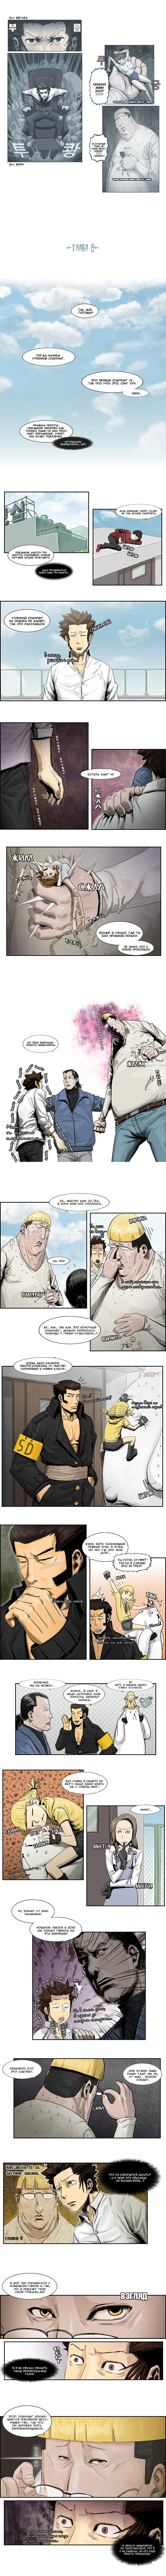 Манга Супер адская школа боевых искусств - Глава 8 Страница 1